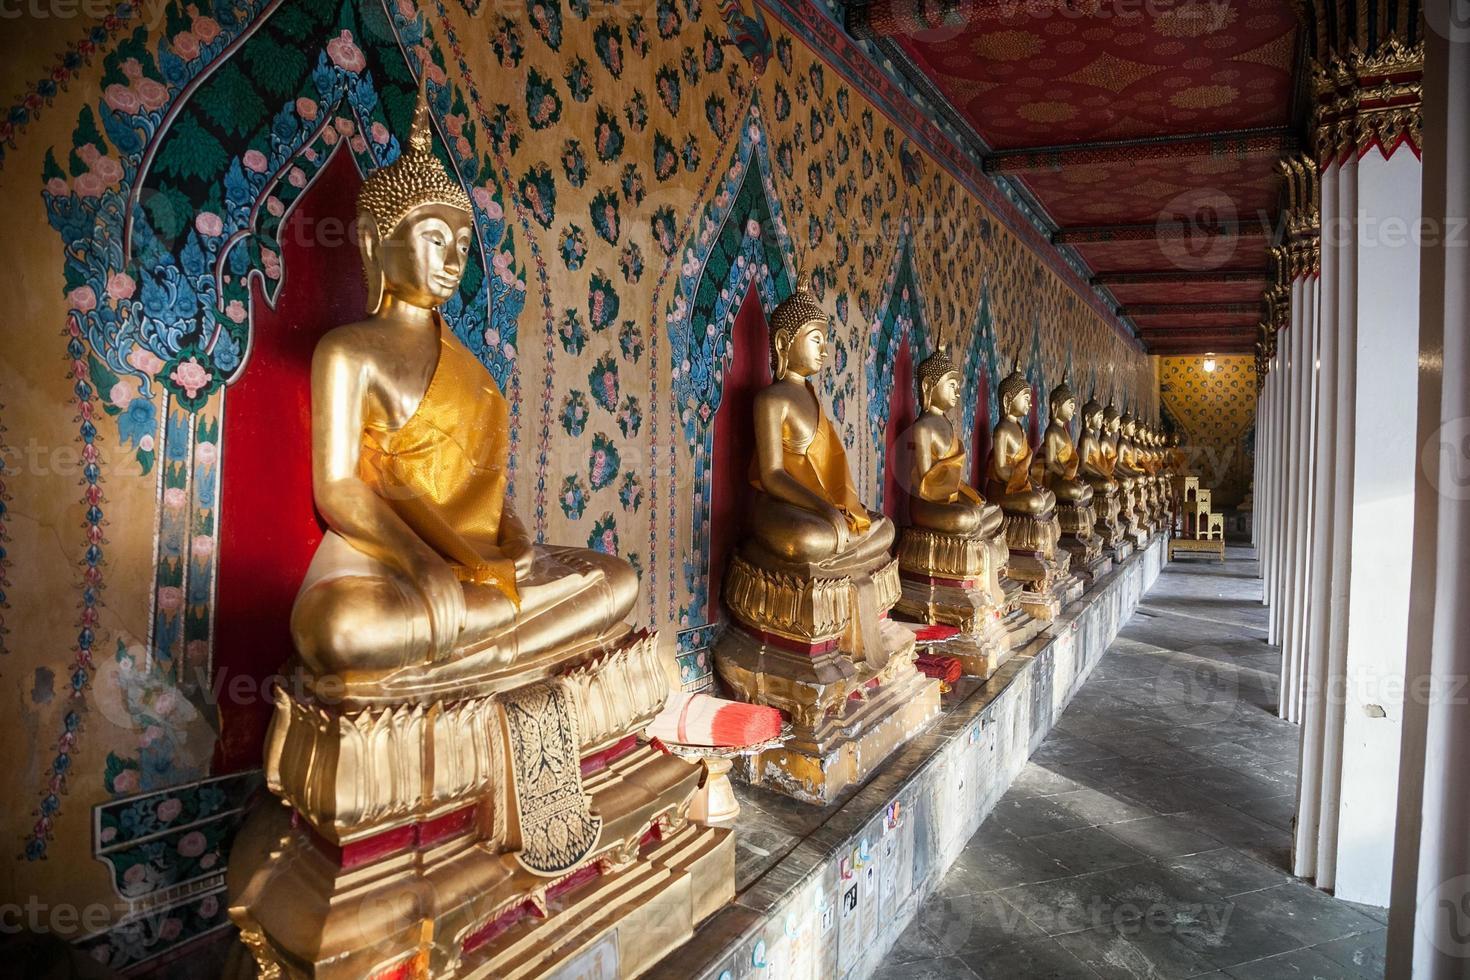 estatua de Buda en camboya foto